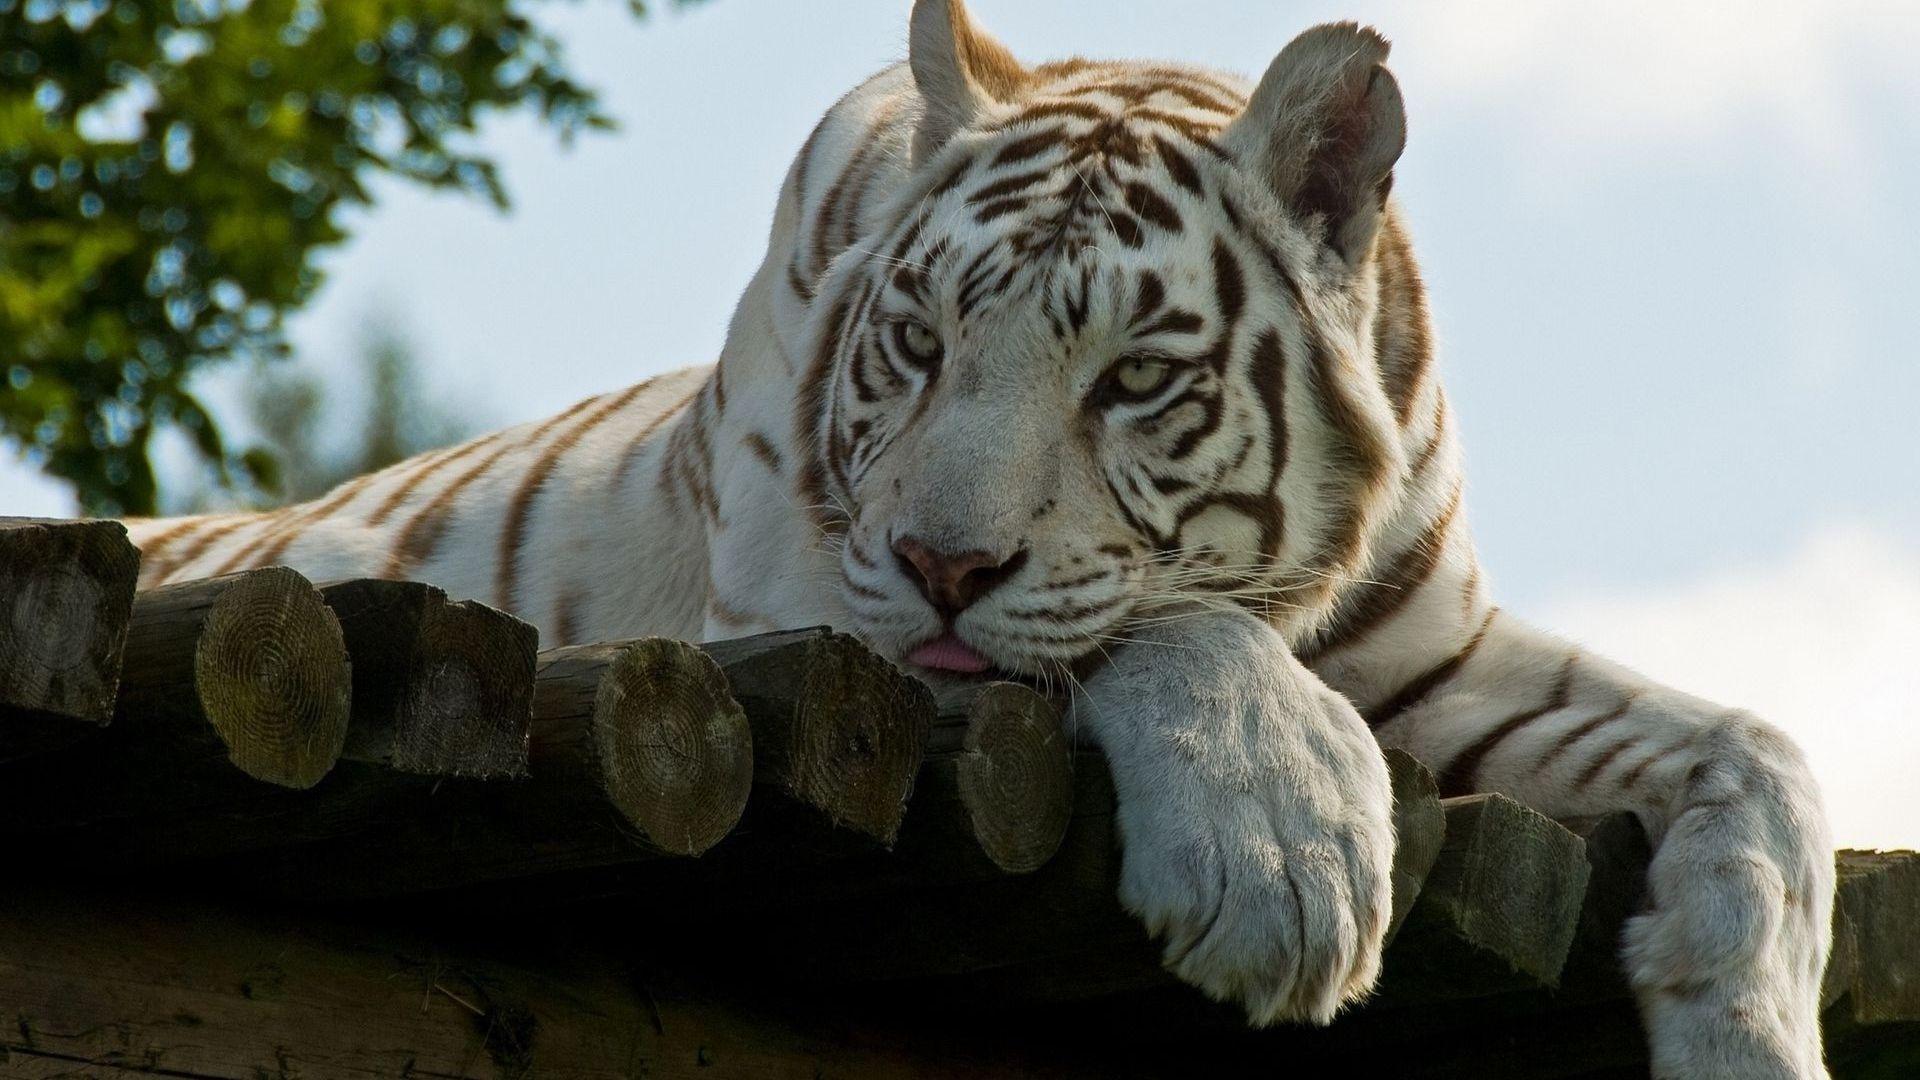 White Tiger Desktop Images